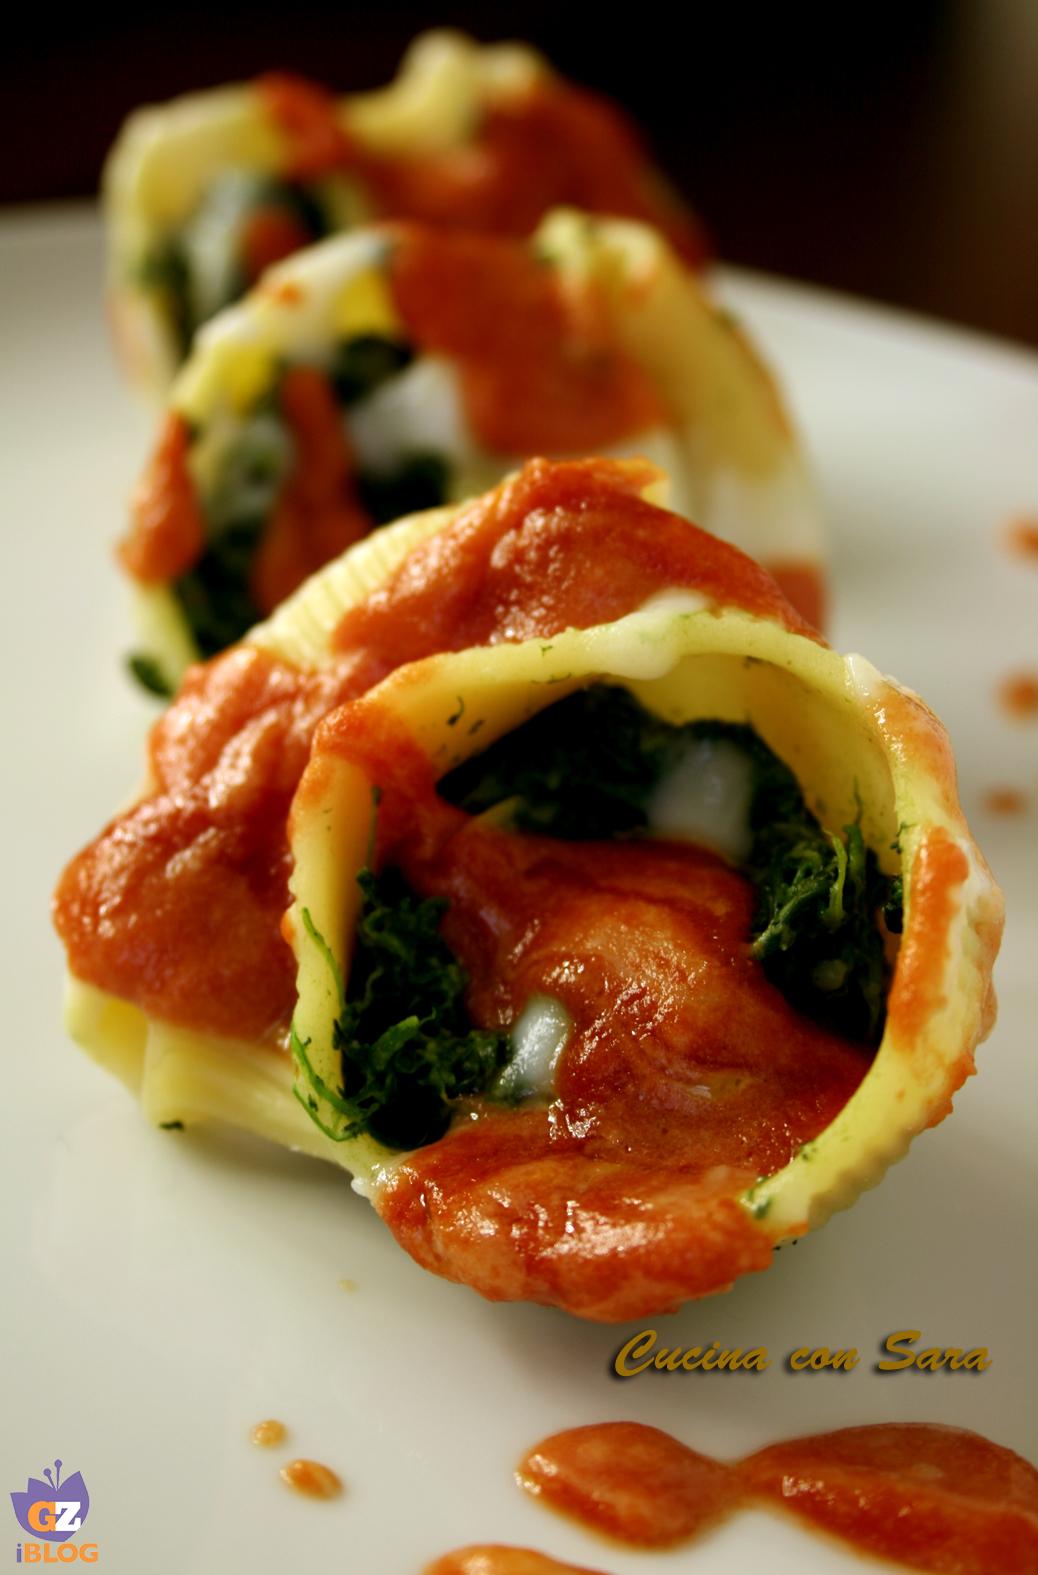 Conchiglioni ripieni ricotta e spinaci cucina con sara - Cucina con sara ...